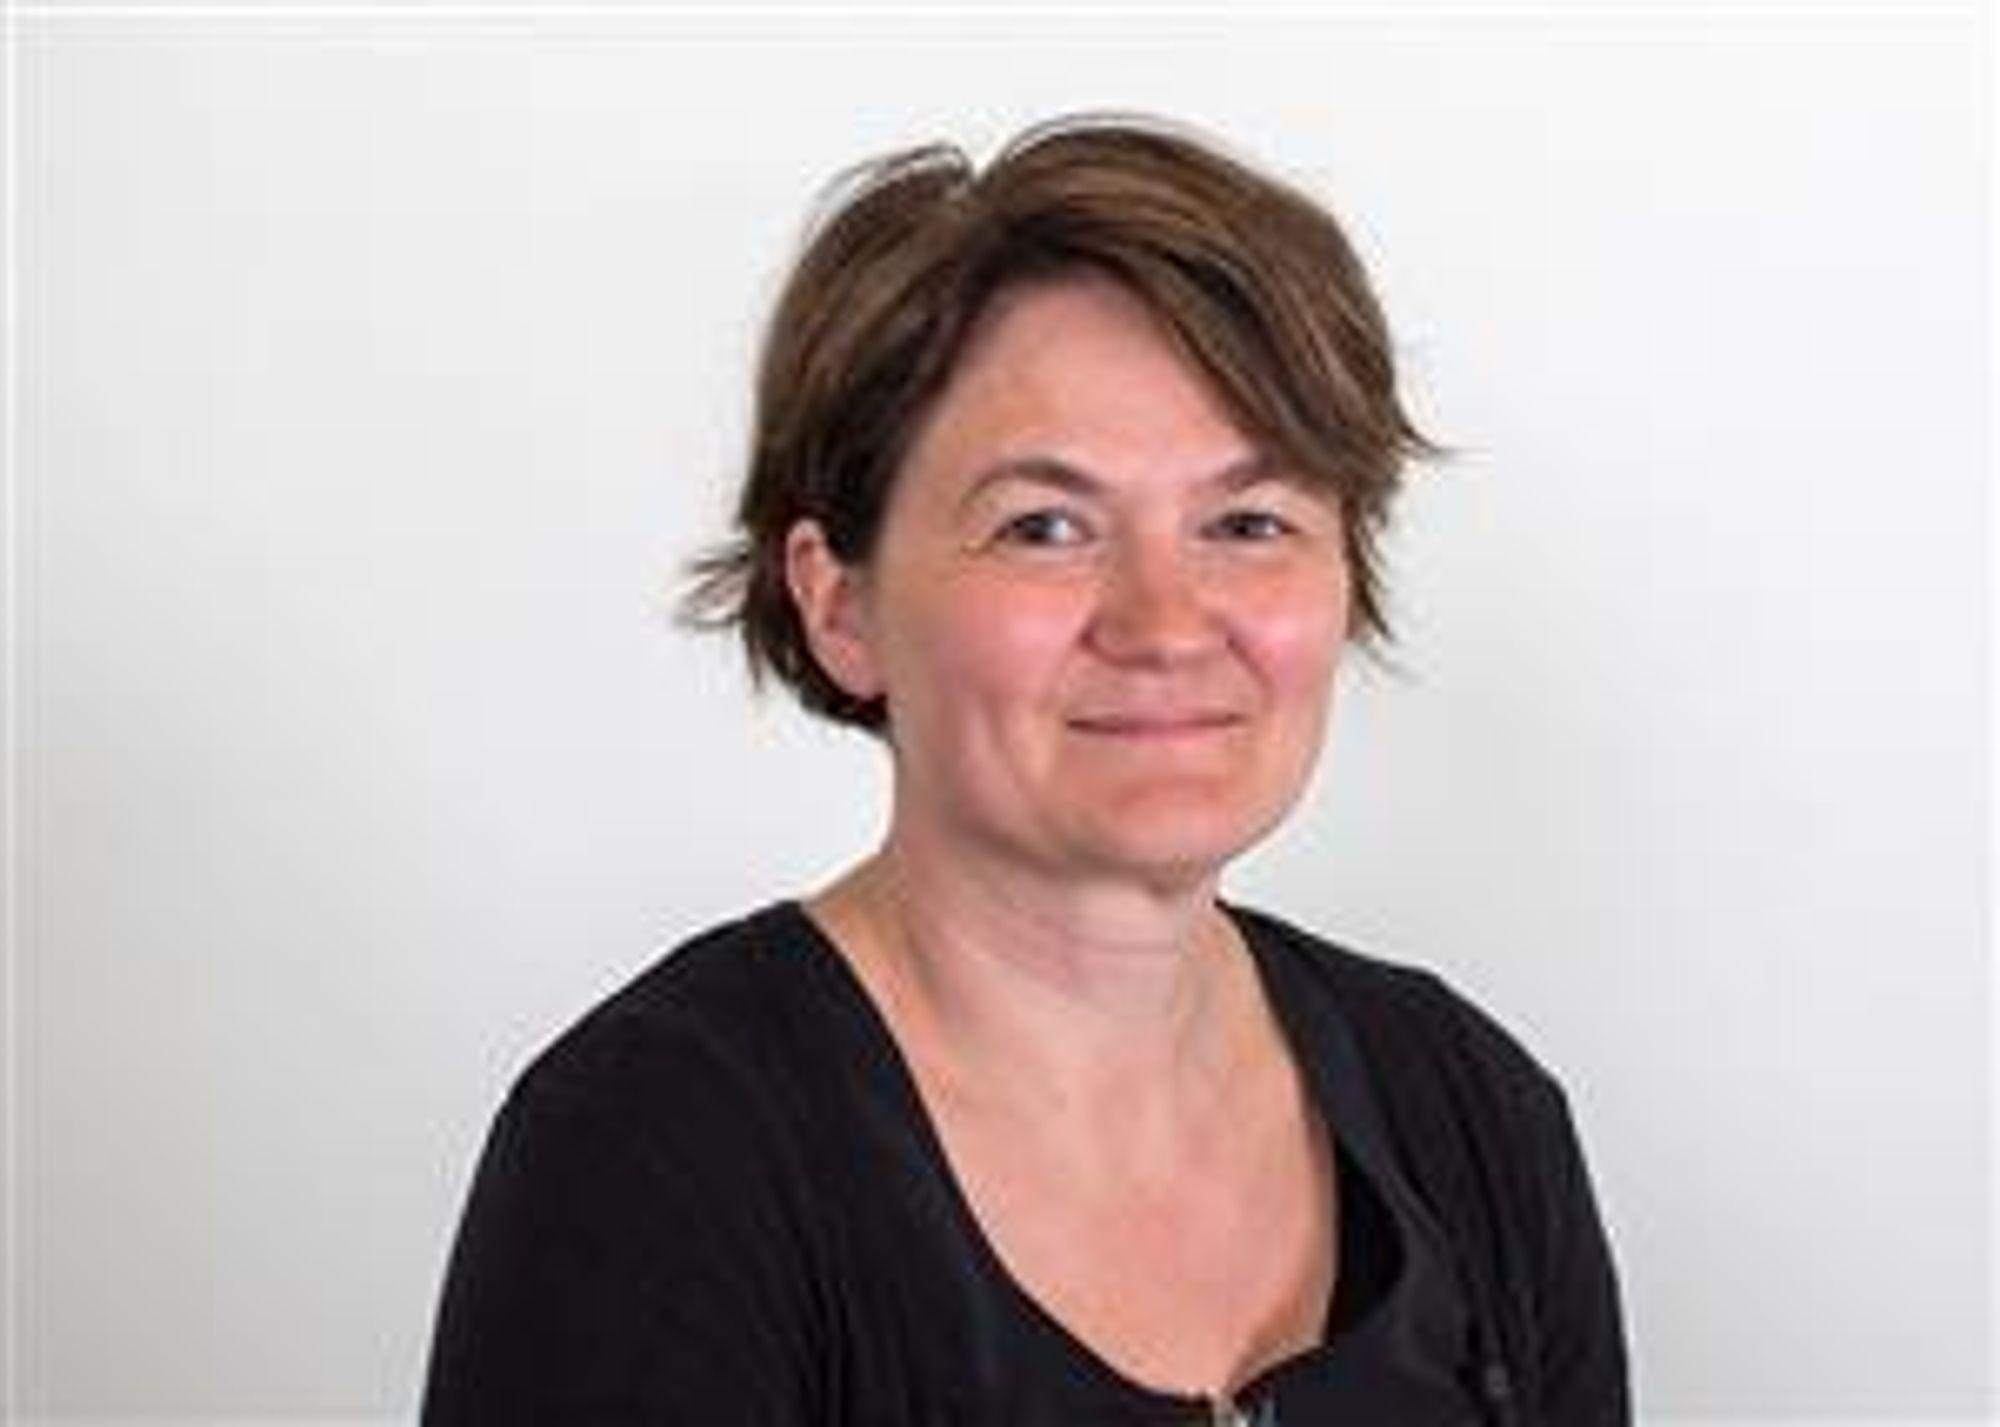 Førsteamanuensis Birgit Røe Mathisen ved fakultet for samfunnsfag ved Nord universitet